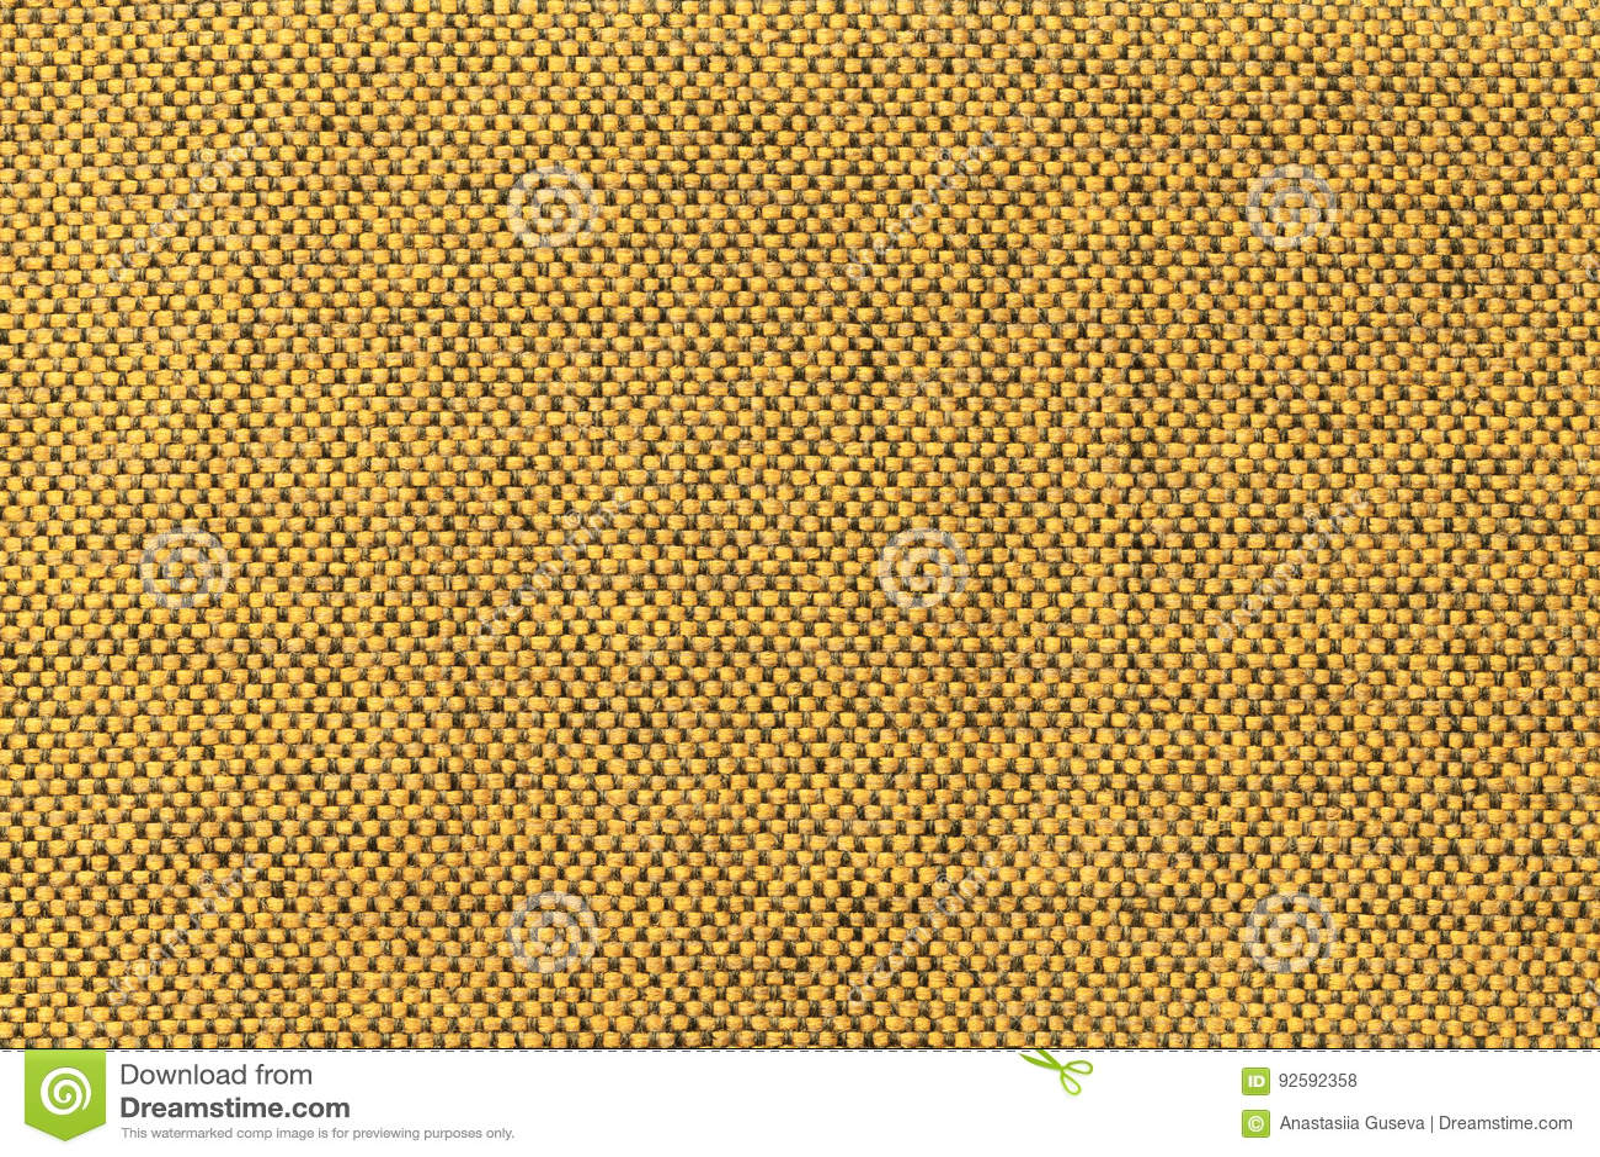 Fundo amarelo escuro de matéria têxtil com teste padrão da xadrez, close up Estrutura do macro da tela